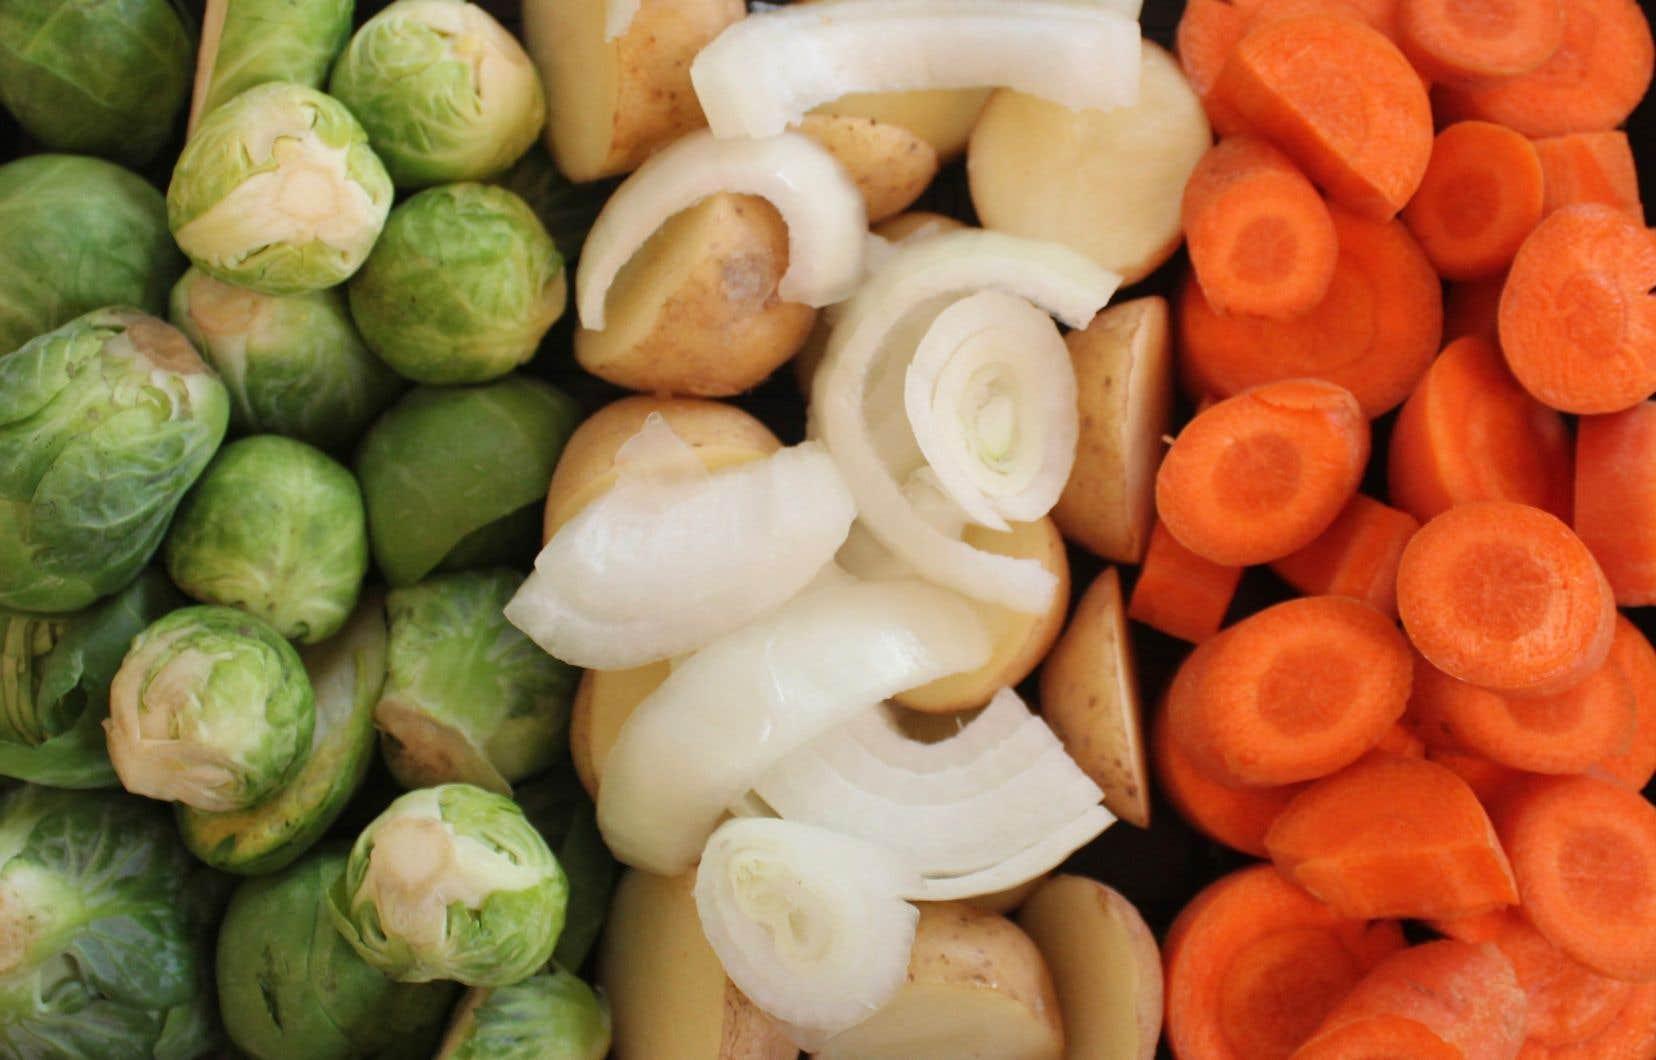 Le chou, la pomme de terre, l'oignon et les légumes-racines figurent parmi les ingrédients importants de la cuisine irlandaise.